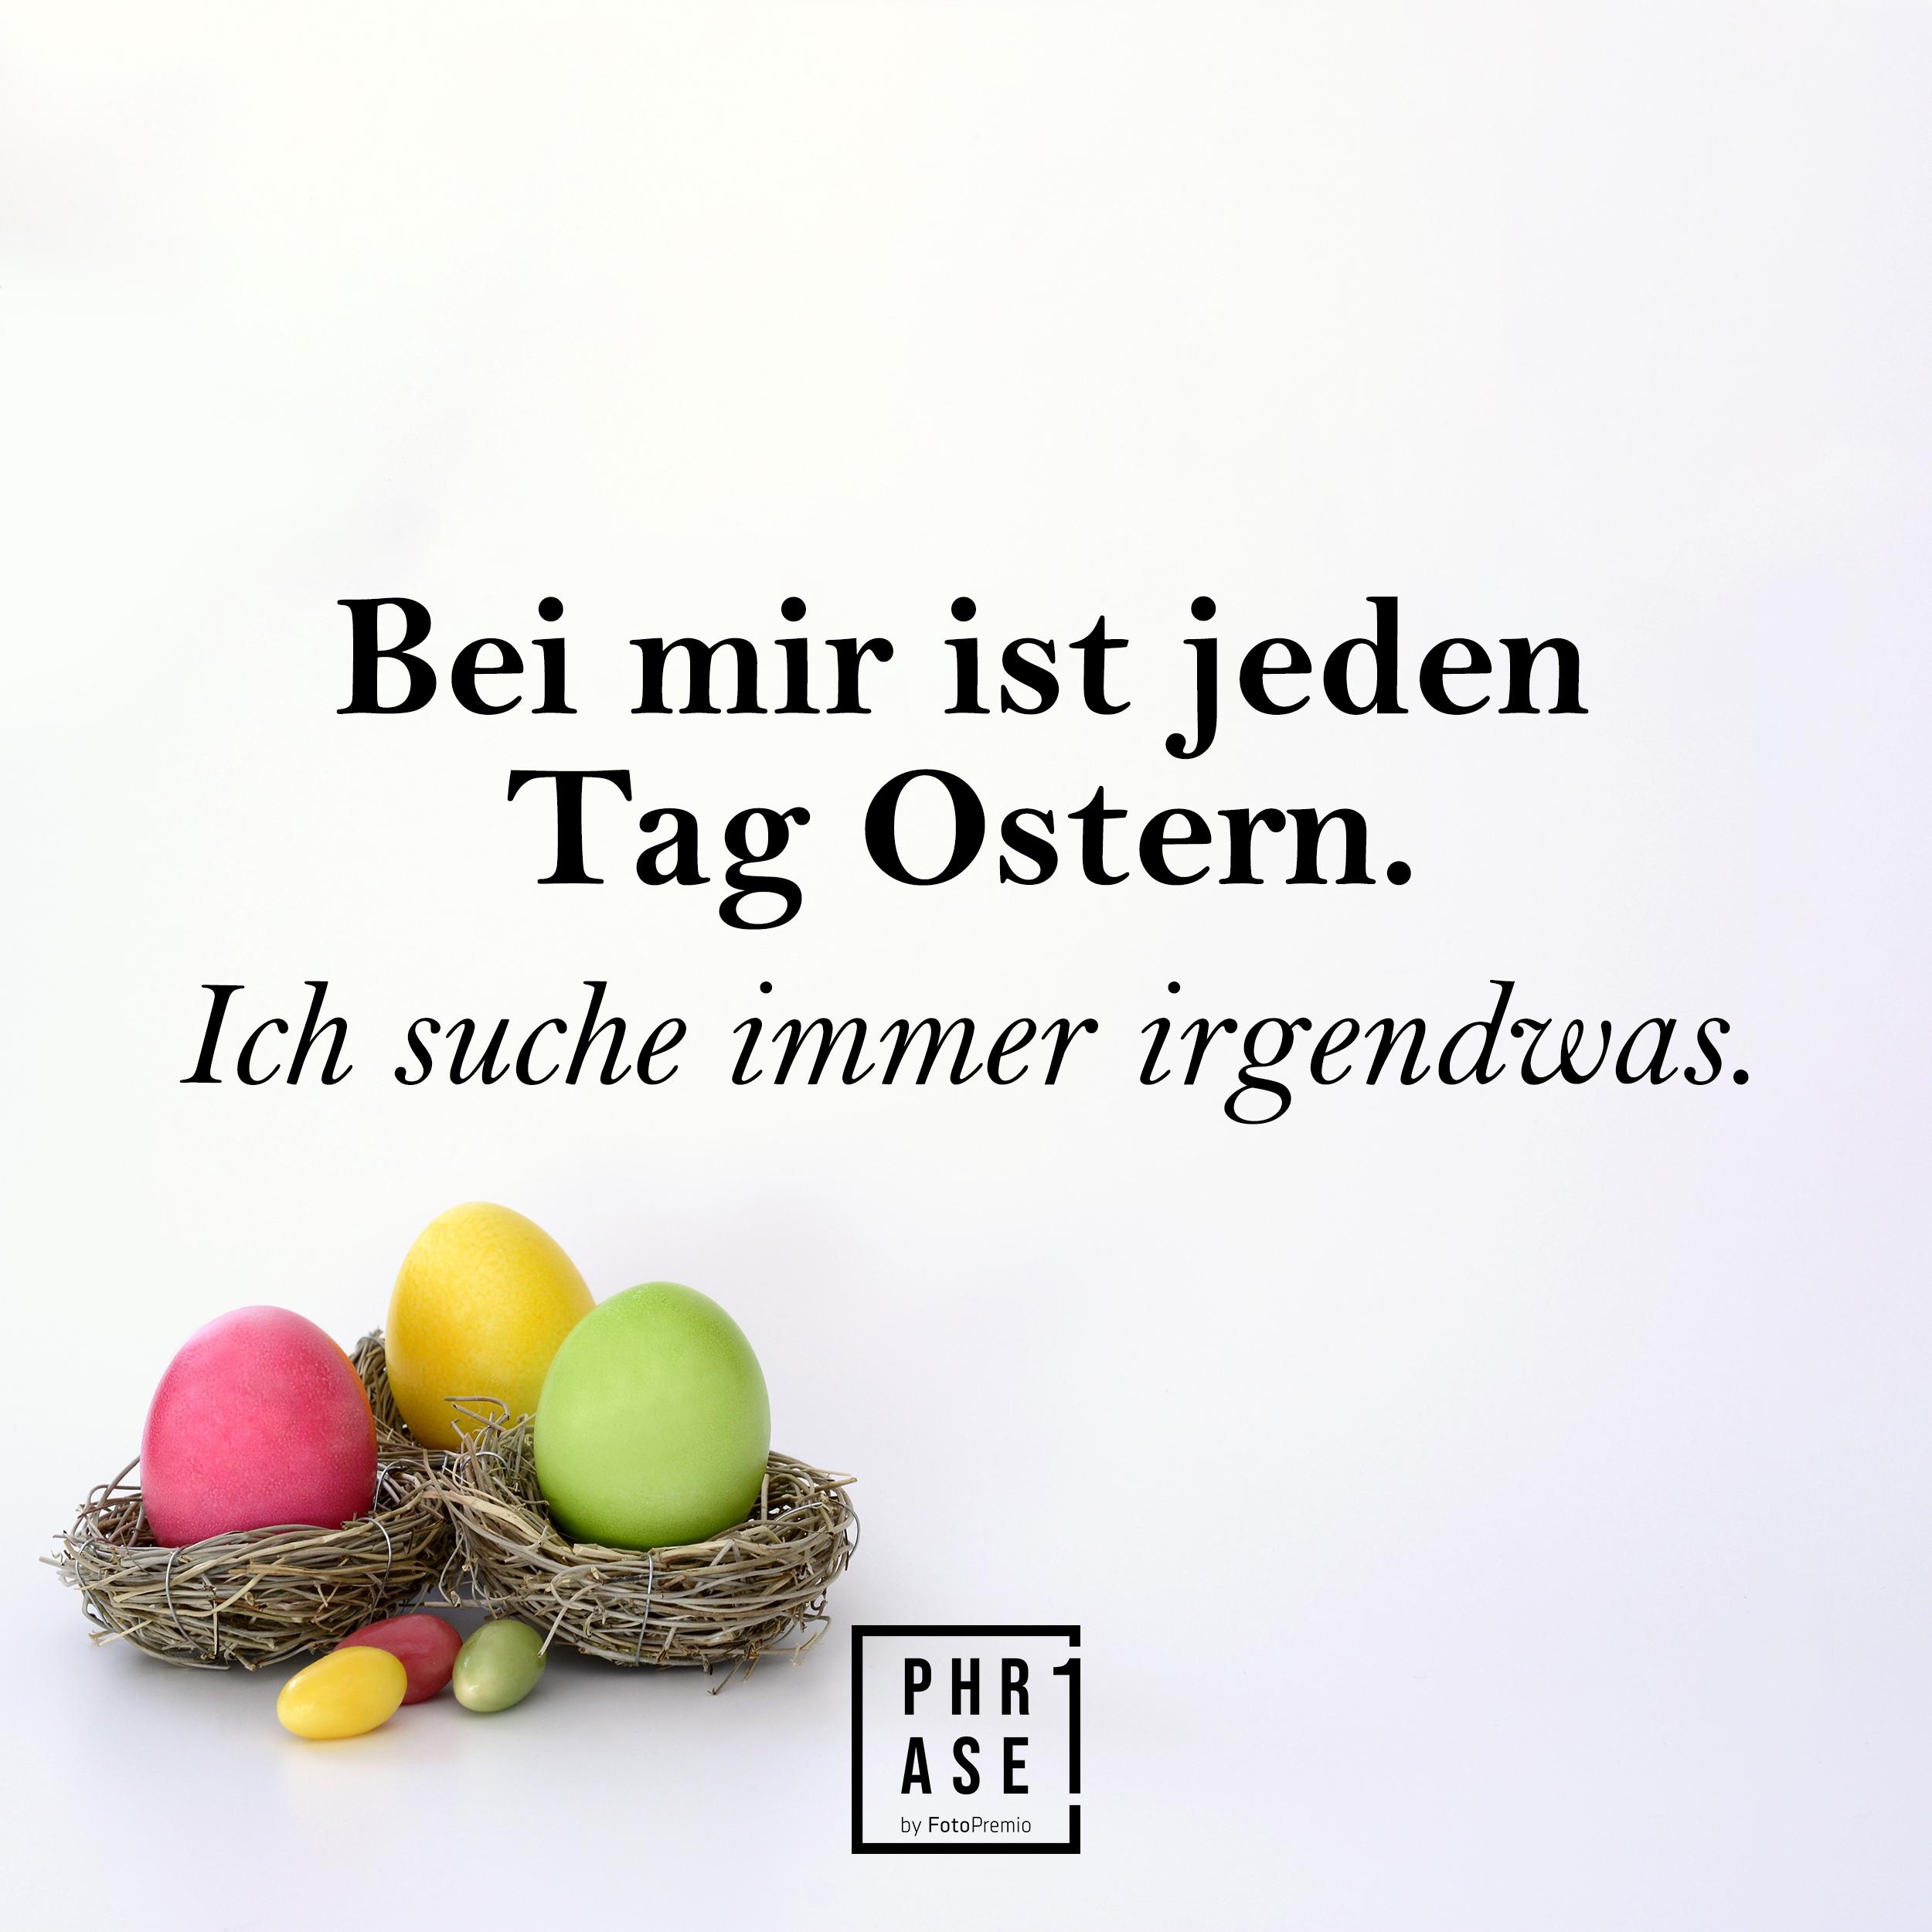 Bei mir ist jeden Tag Ostern Ich suche immer irgendwas